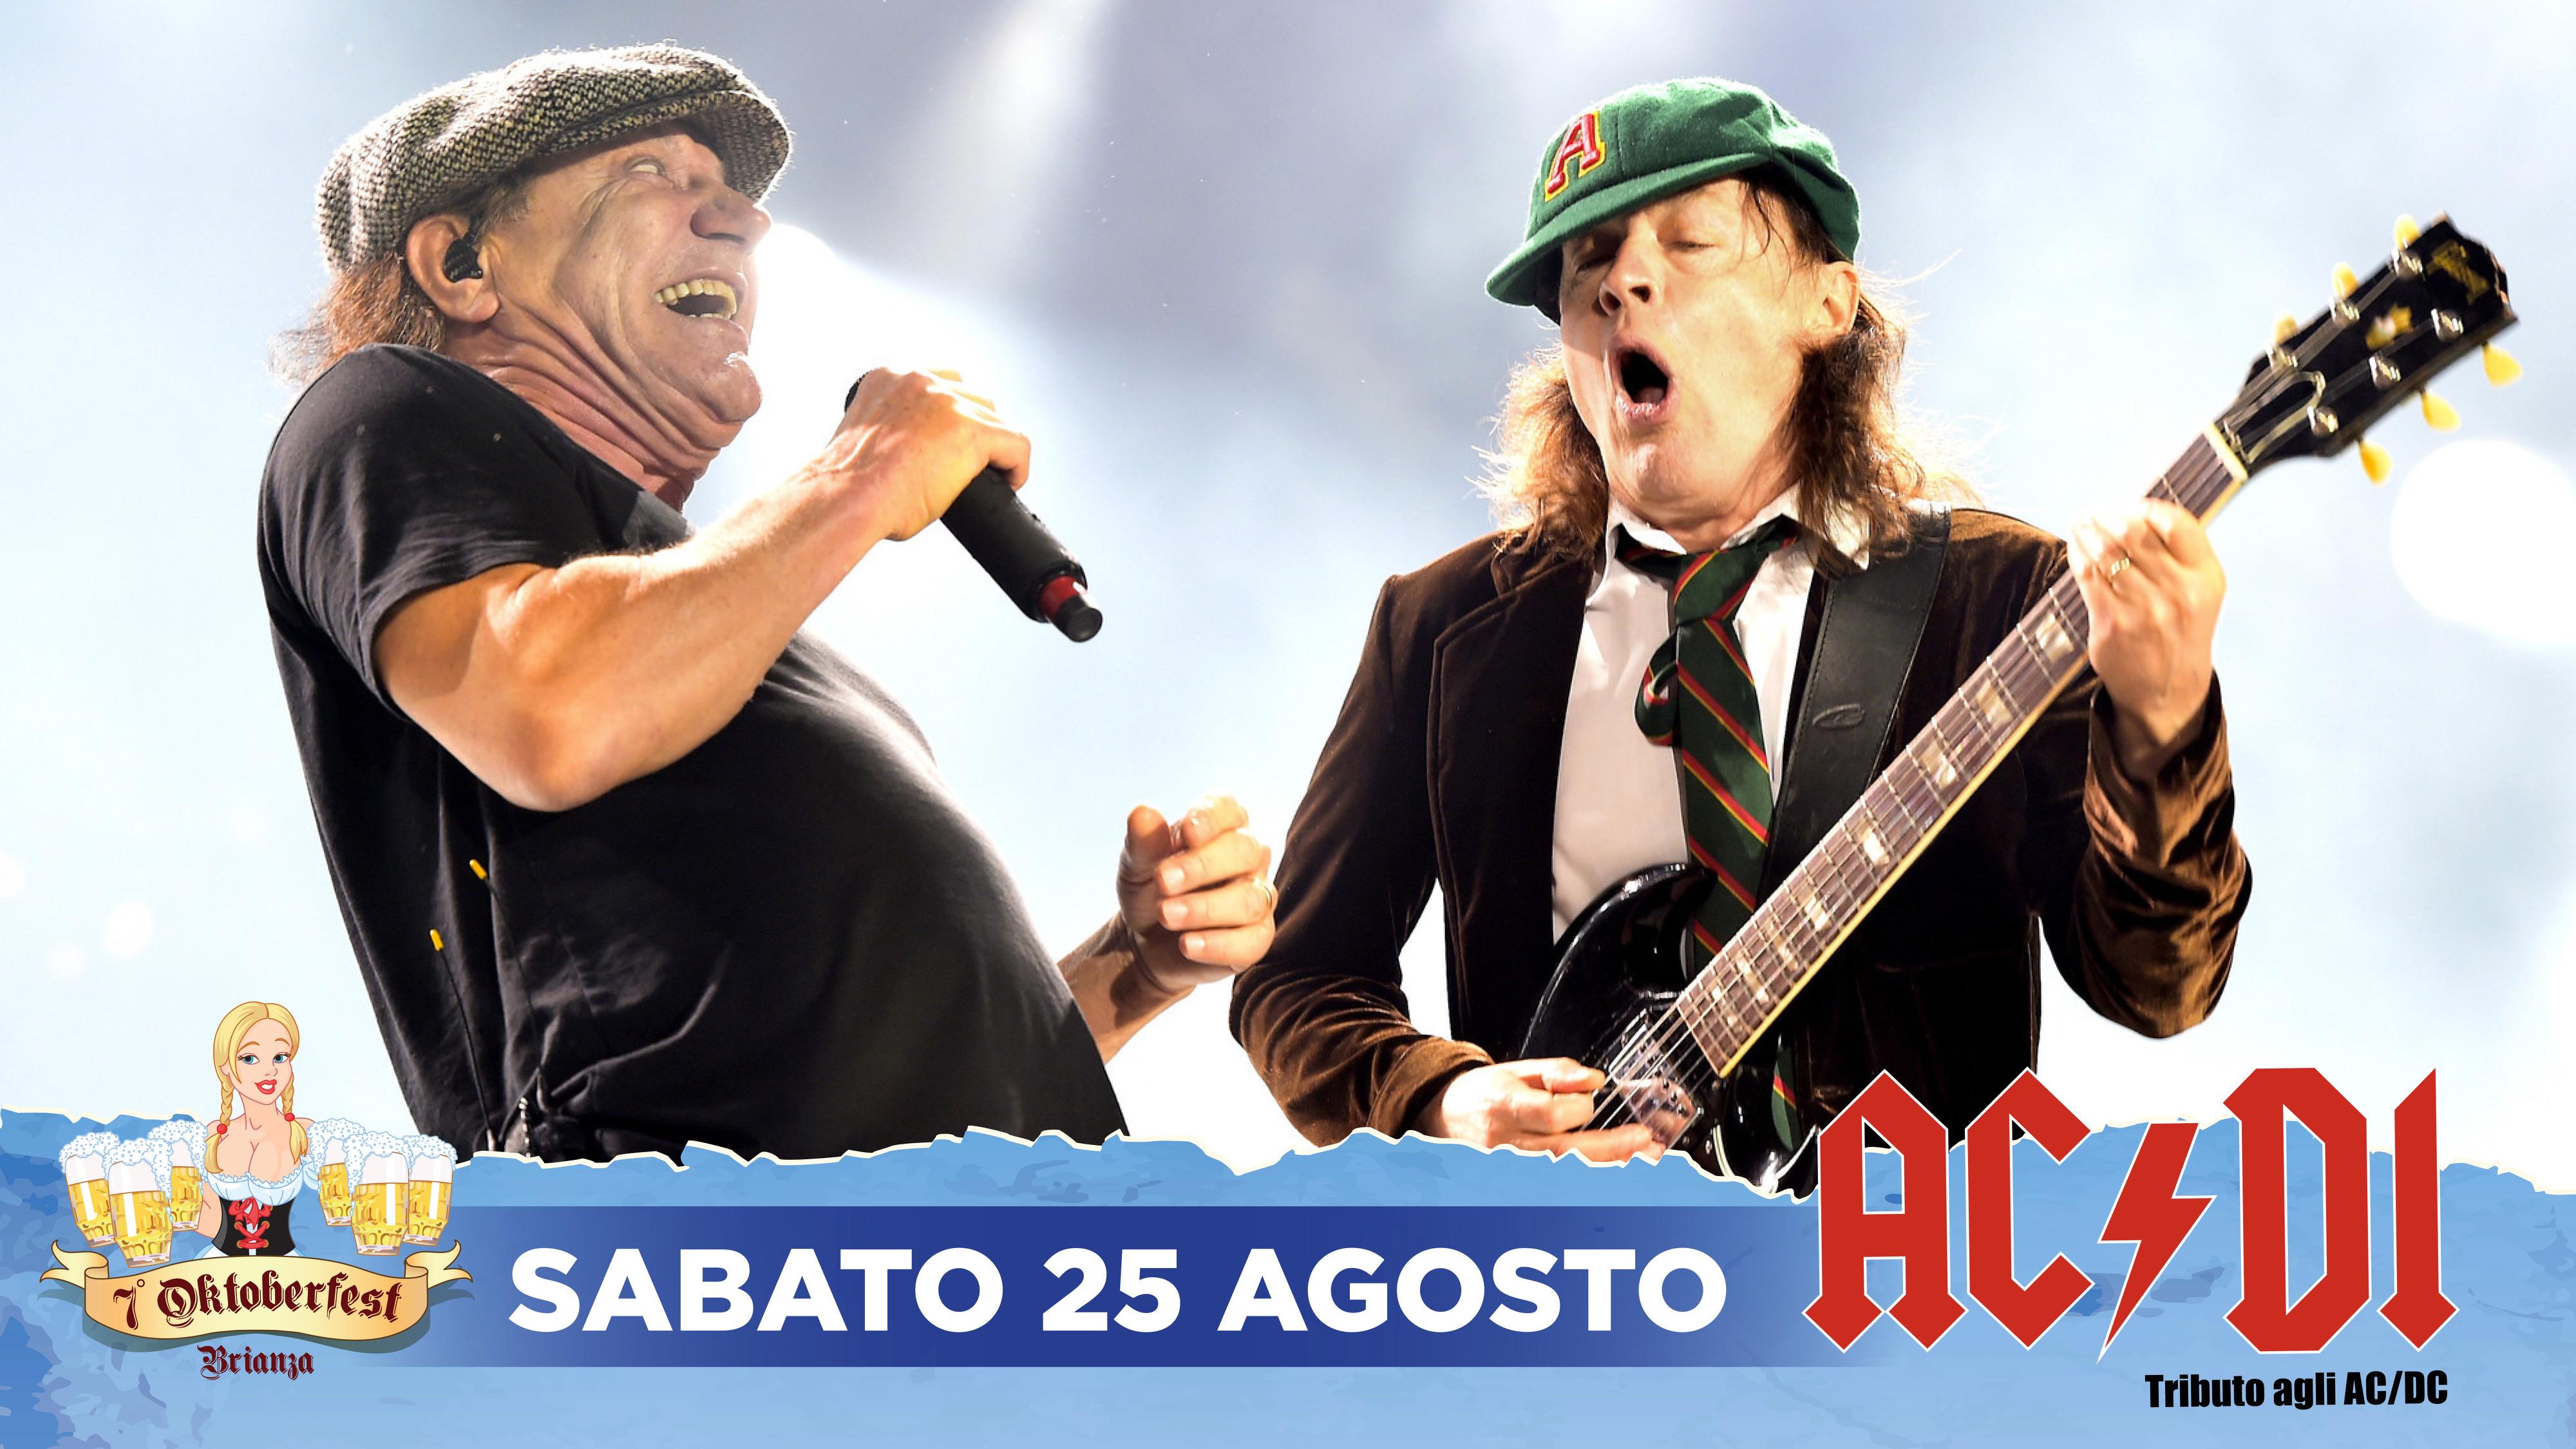 Sabato 25-08 live con gli AC/DI – Tributo agli AC/DC – Oktoberfest Brianza